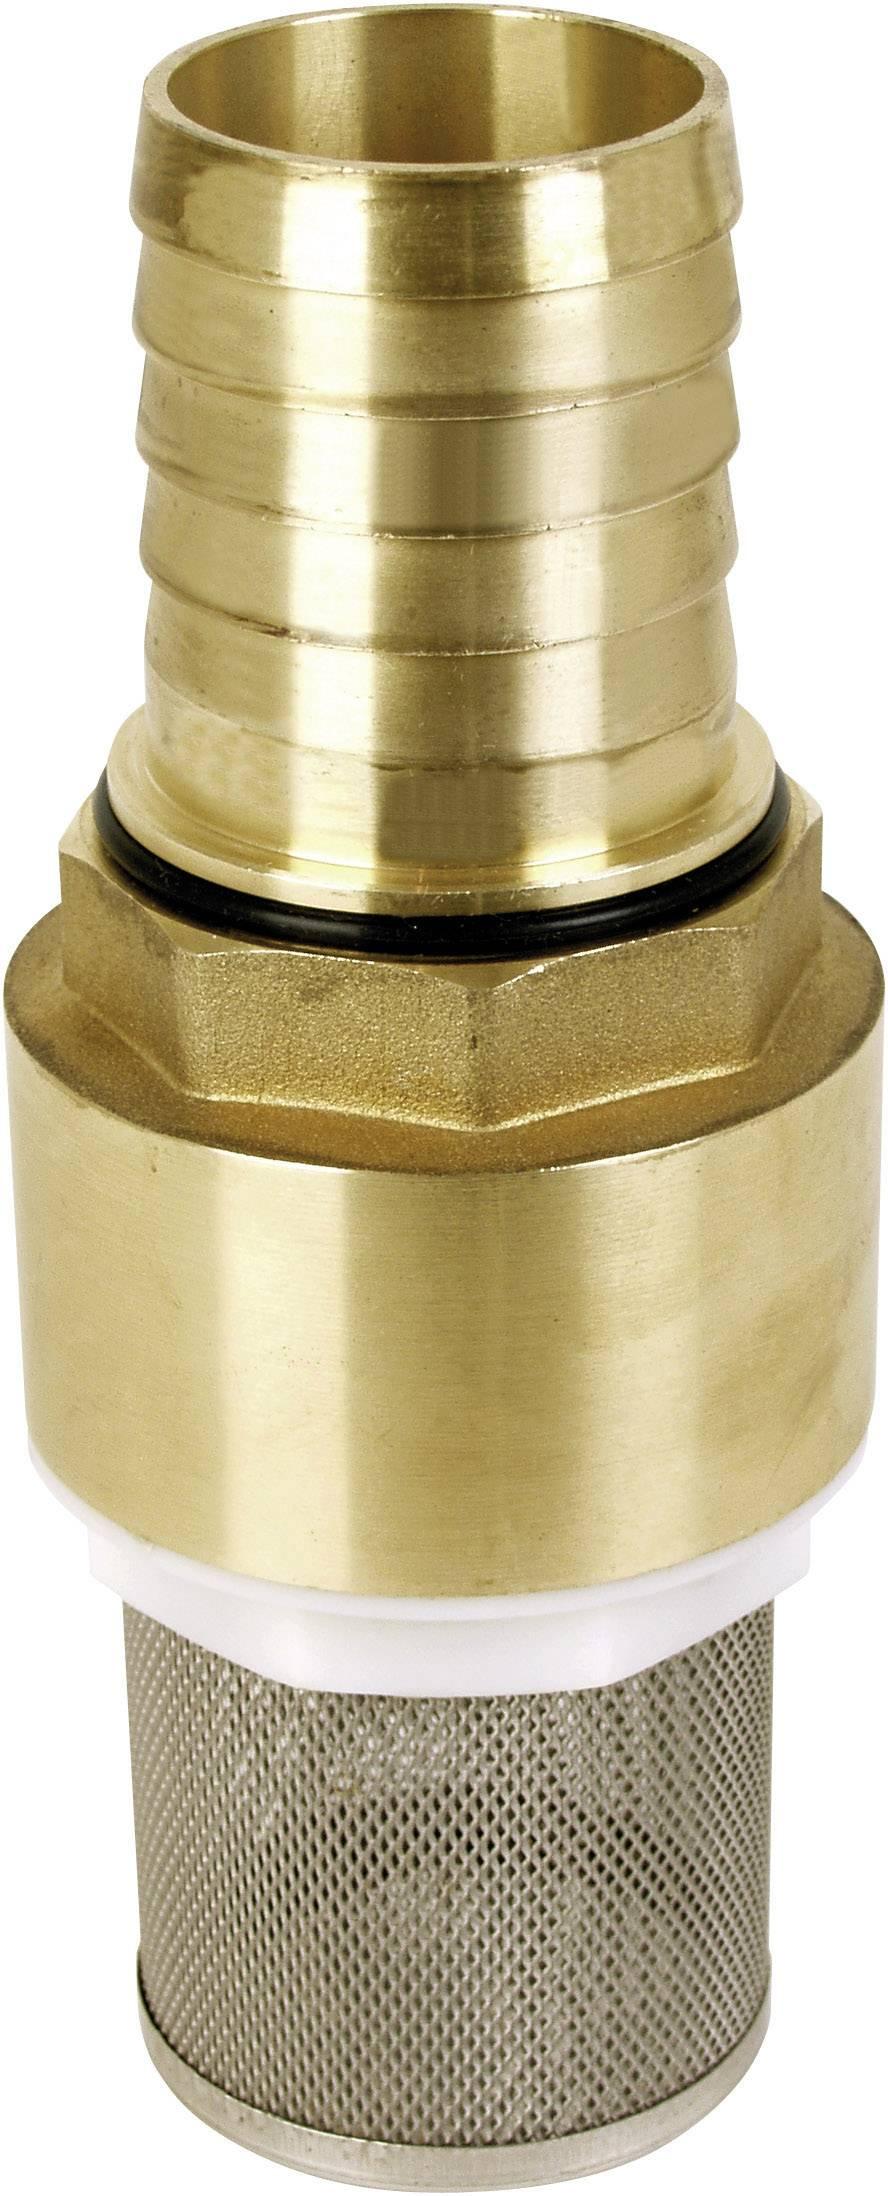 """Mosazný patní ventil TIP Pumpen 30937, 1 1/2 """" (40 mm)"""